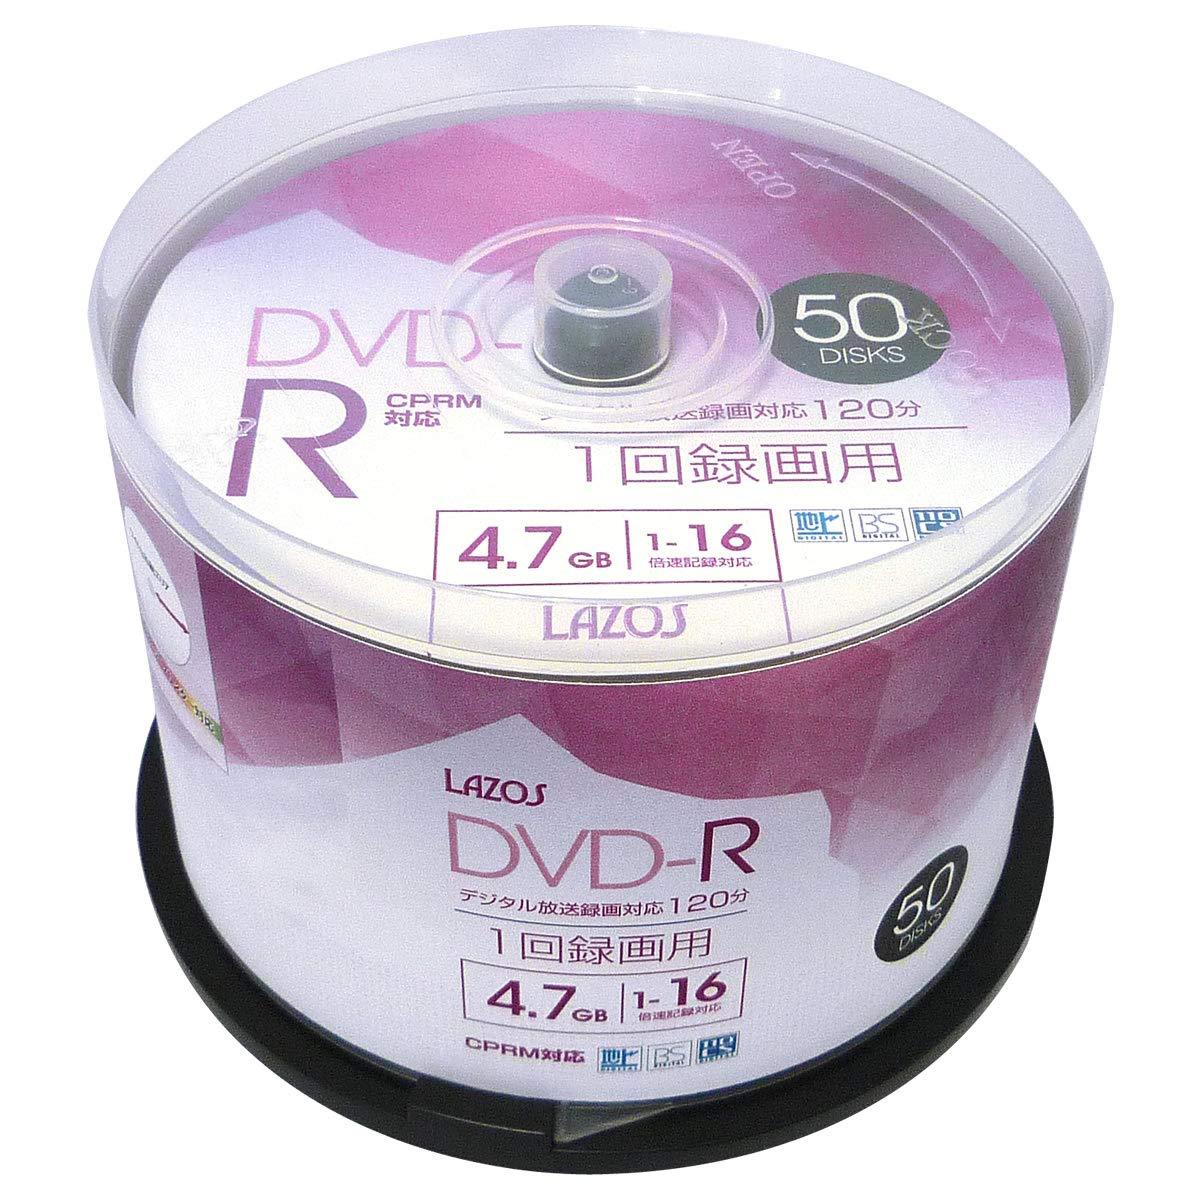 lazos CPRM対応 DVD-Rメディア 16倍速 50枚入 スピンドルケース ホワイトプリンタブル 4.7GB/120min L-CP50P-10P /スポーツ/記念/撮影/録画/記録【10P03Dec16】